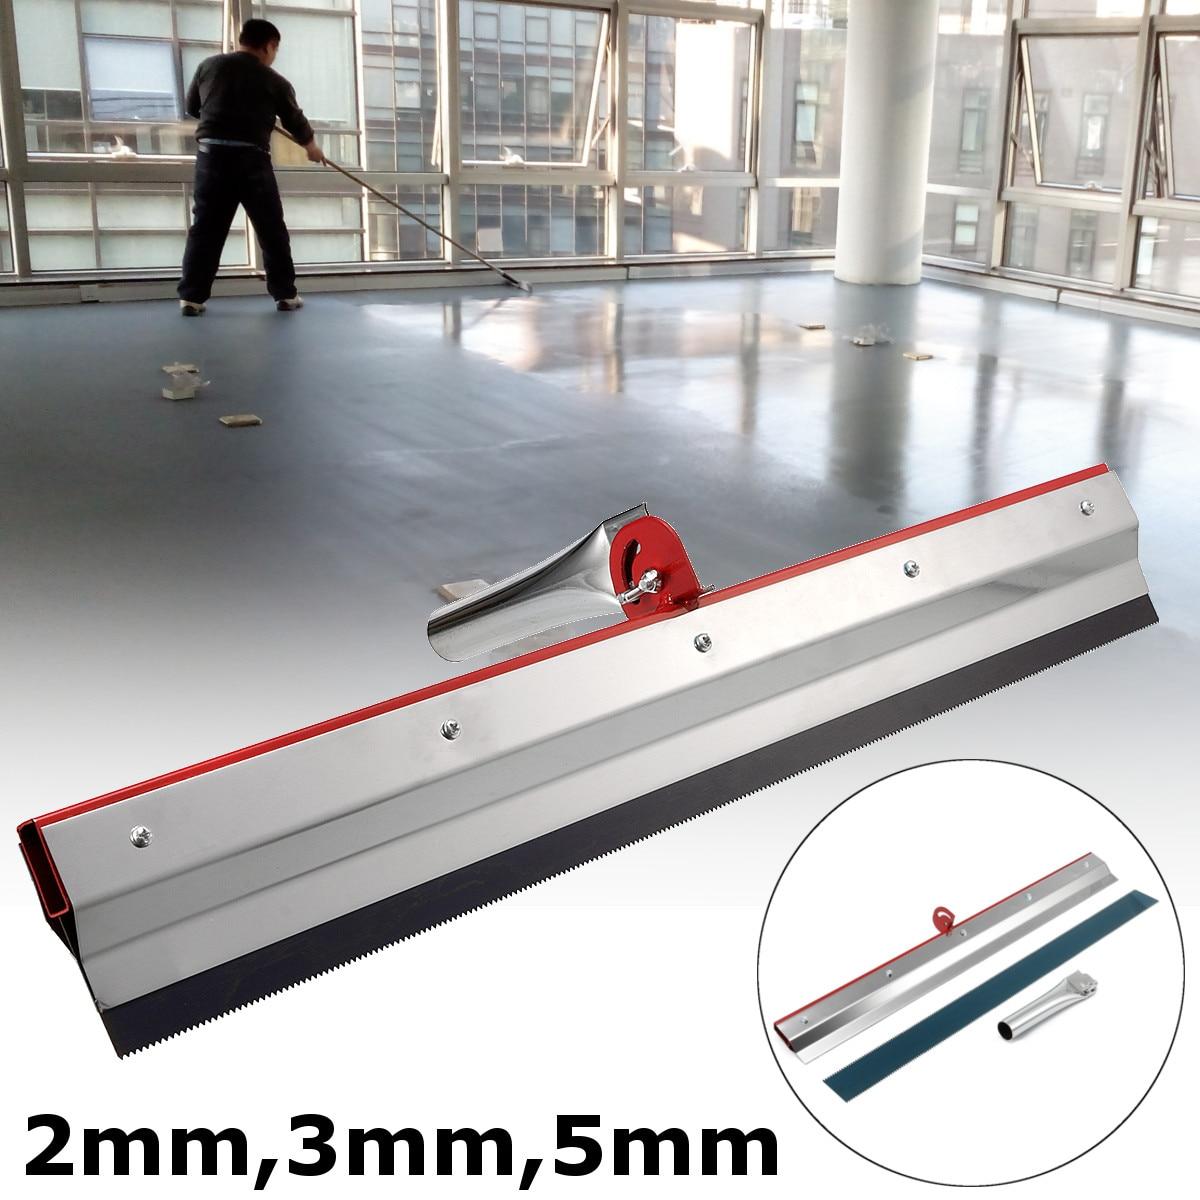 2/3/5mm de aço inoxidável entalhado rodo de borracha cola epoxy cimento pintura revestimento auto nivelamento revestimento engrenagem ancinho construção ferramentas manuais Conjuntos ferramenta manual     -